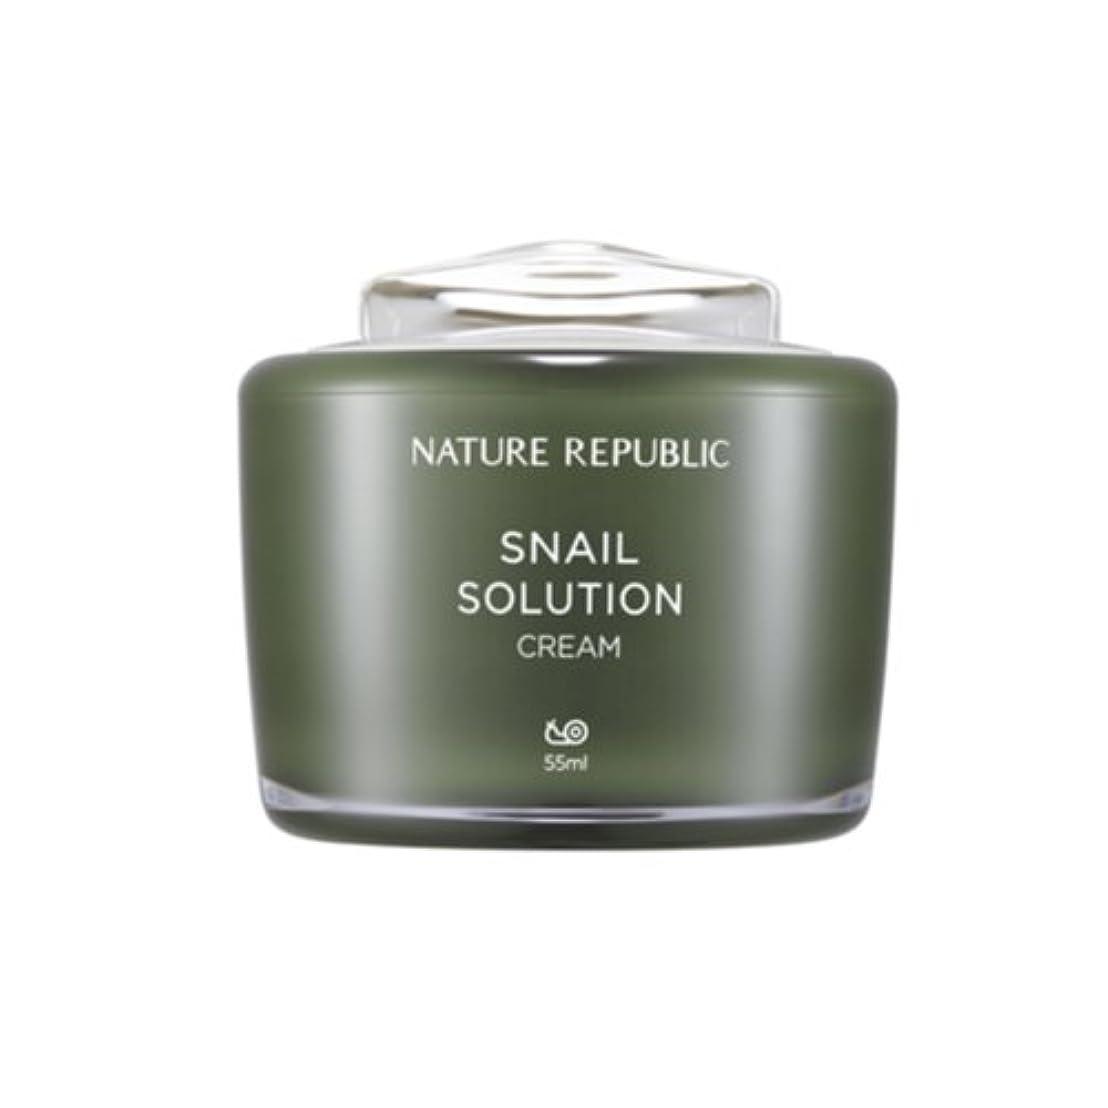 率直なそれによってメーター[ネイチャーリパブリック] Nature republicスネイルソリューションクリーム海外直送品(Snail Solution Cream) [並行輸入品]